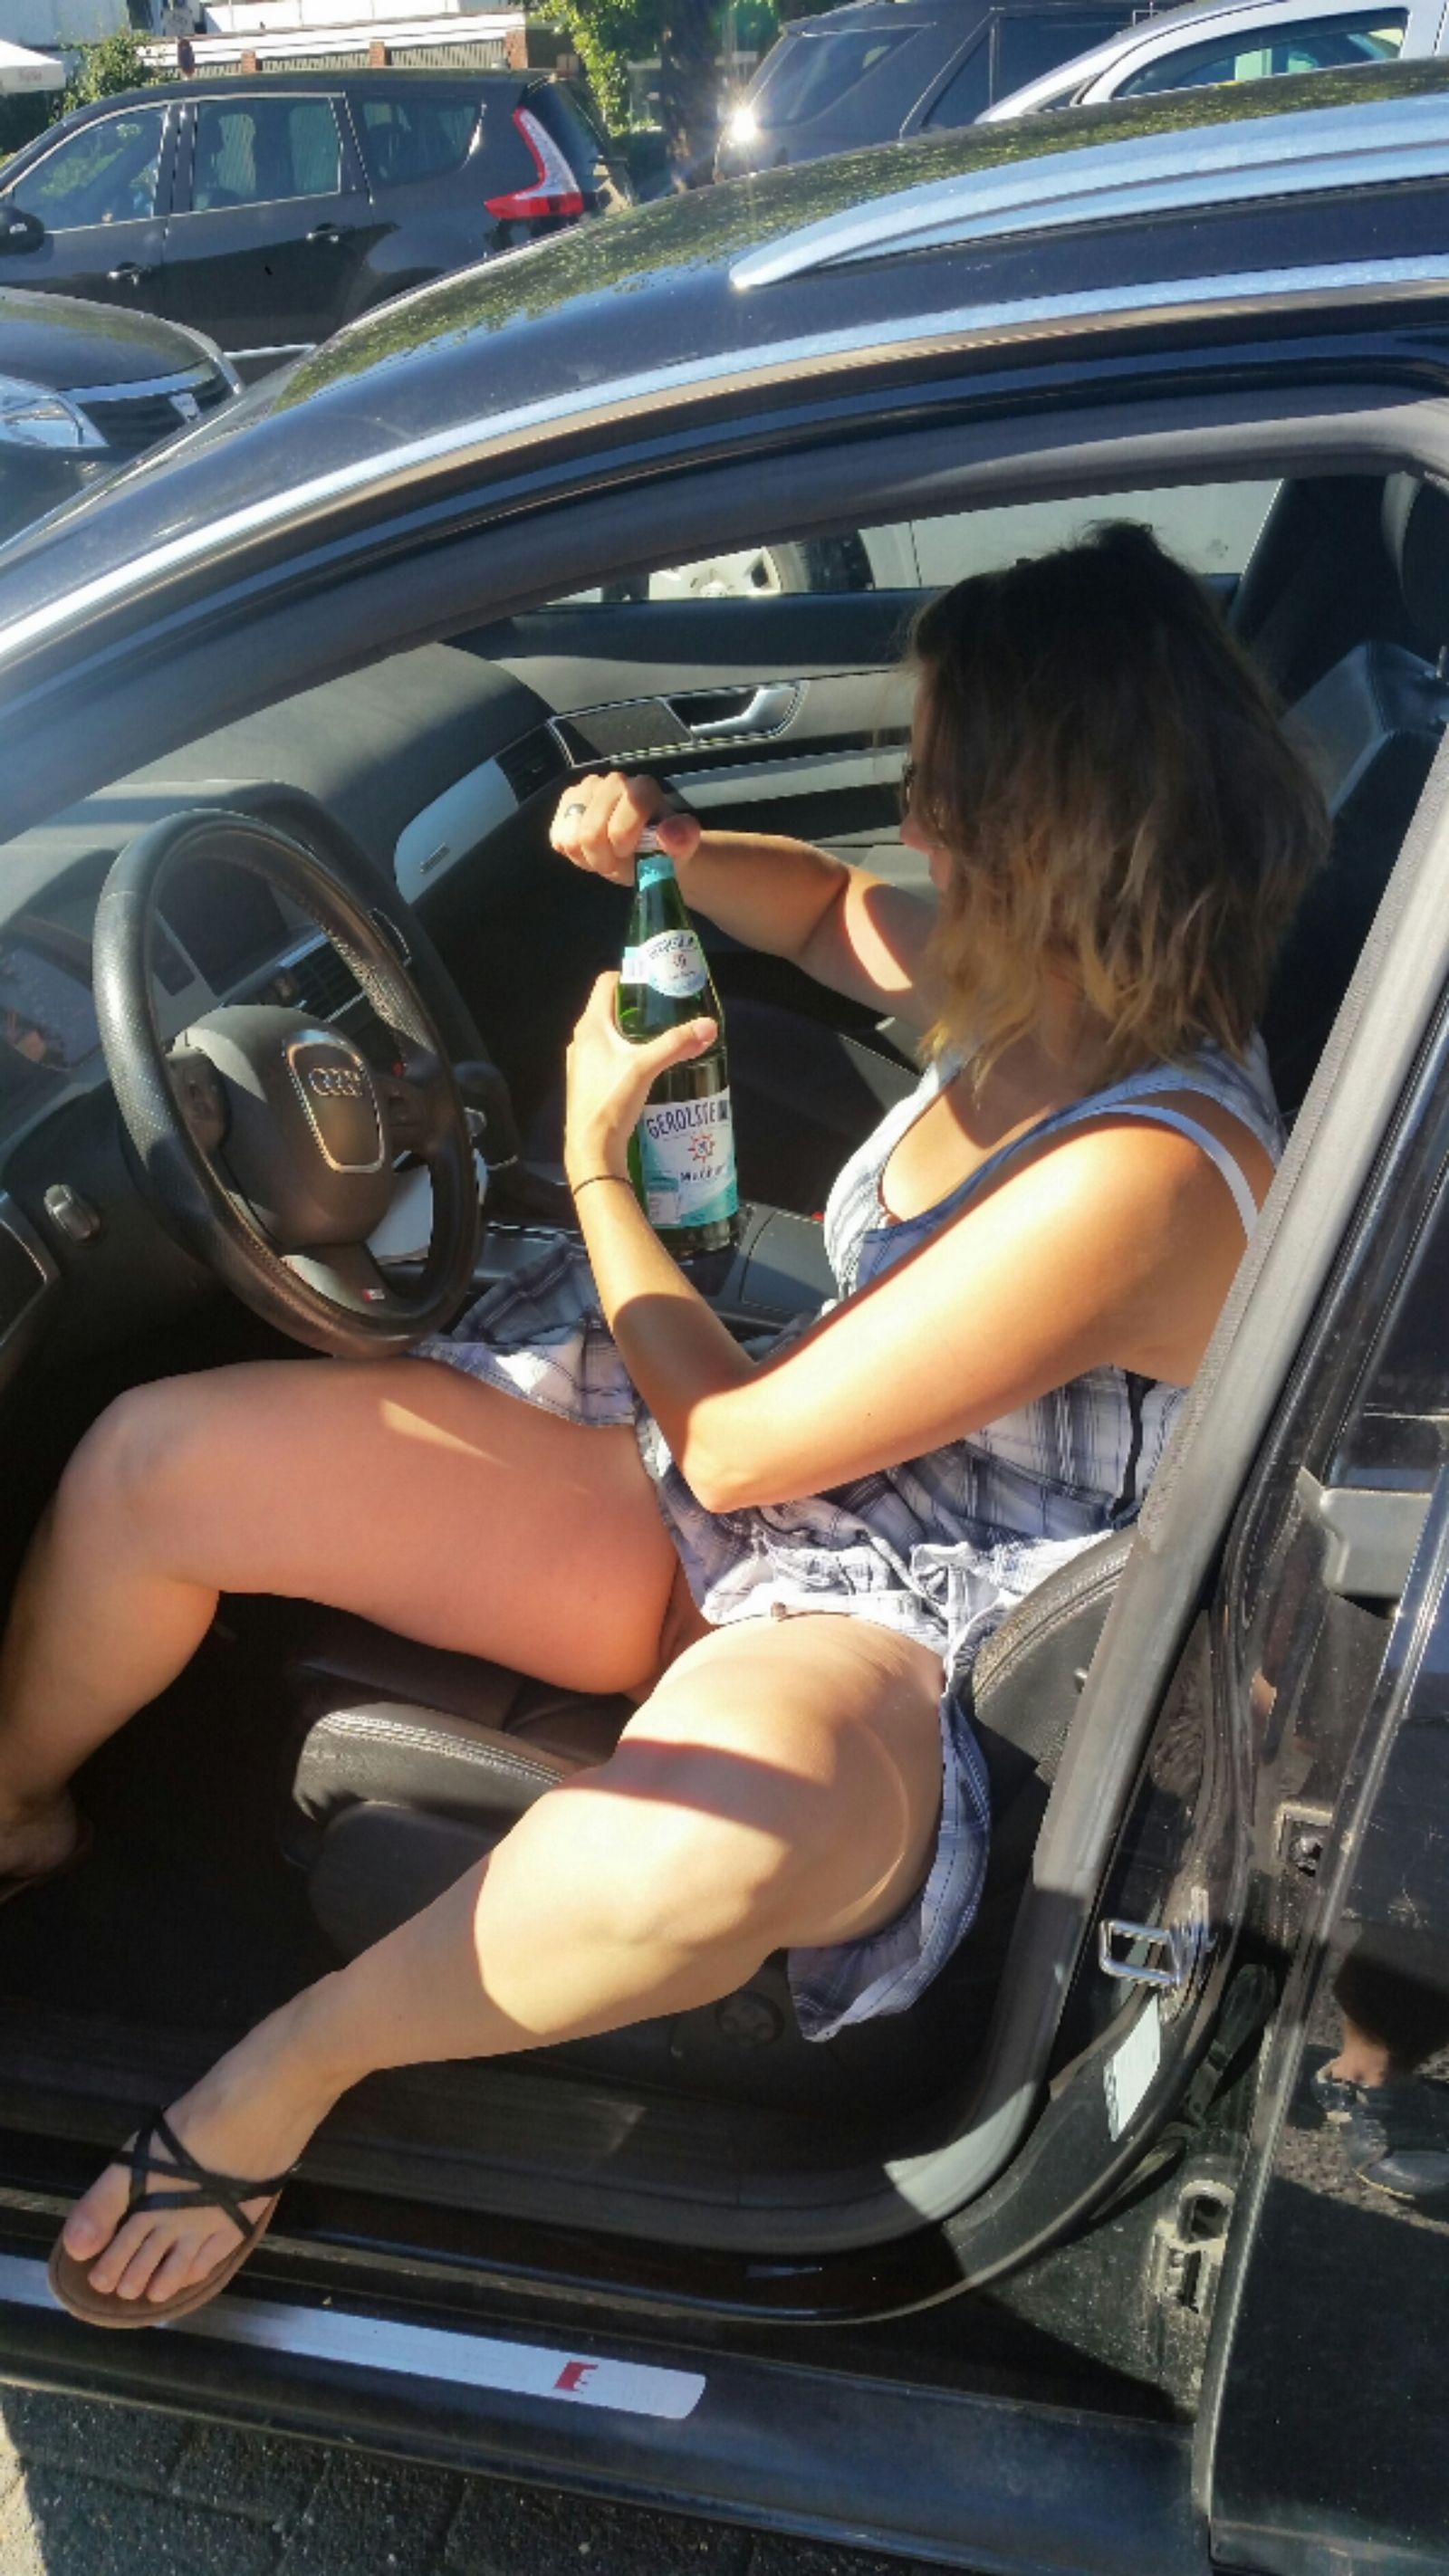 Джесси обнажает вагину в магазине и облизывает хер в машине